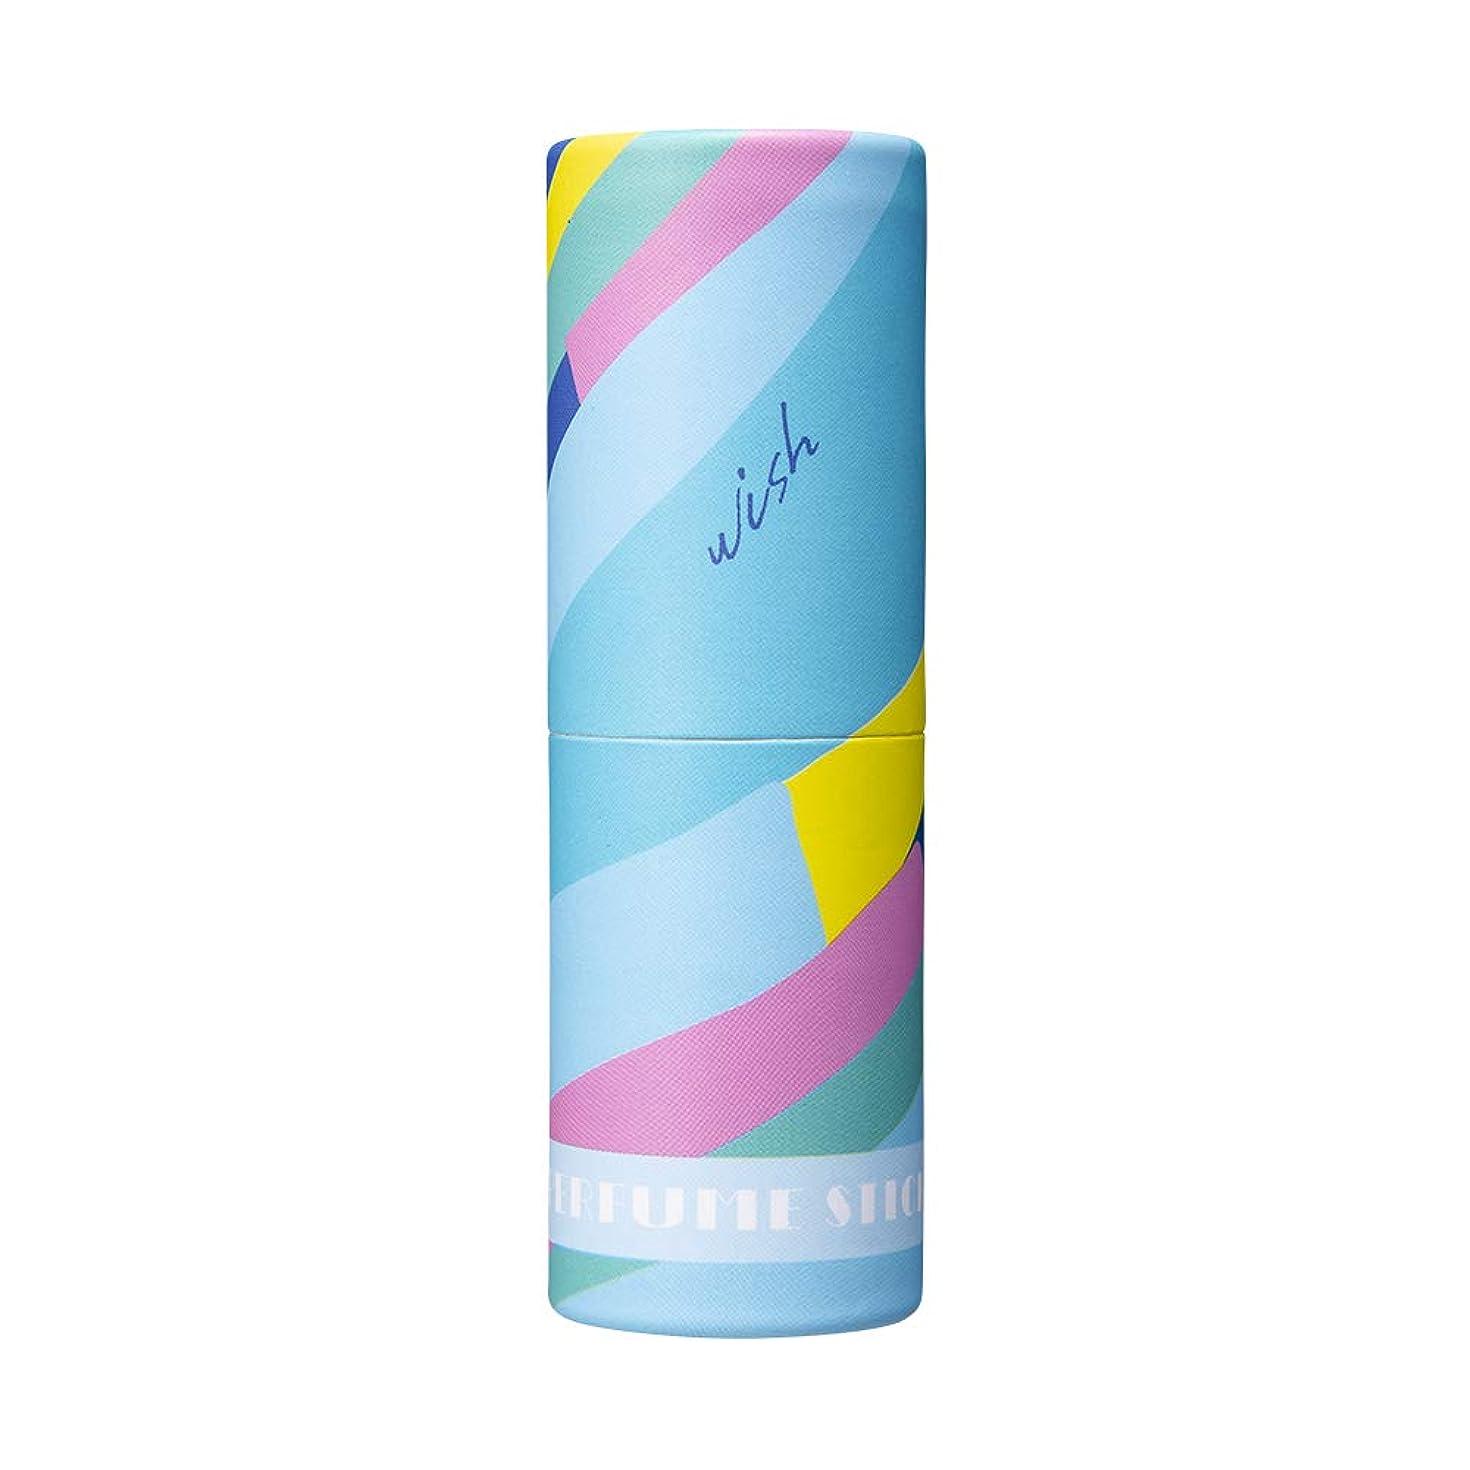 投資壮大不振パフュームスティック ウィッシュ ホワイトフラワー&シャボンの香り オリジナルデザイン 5g